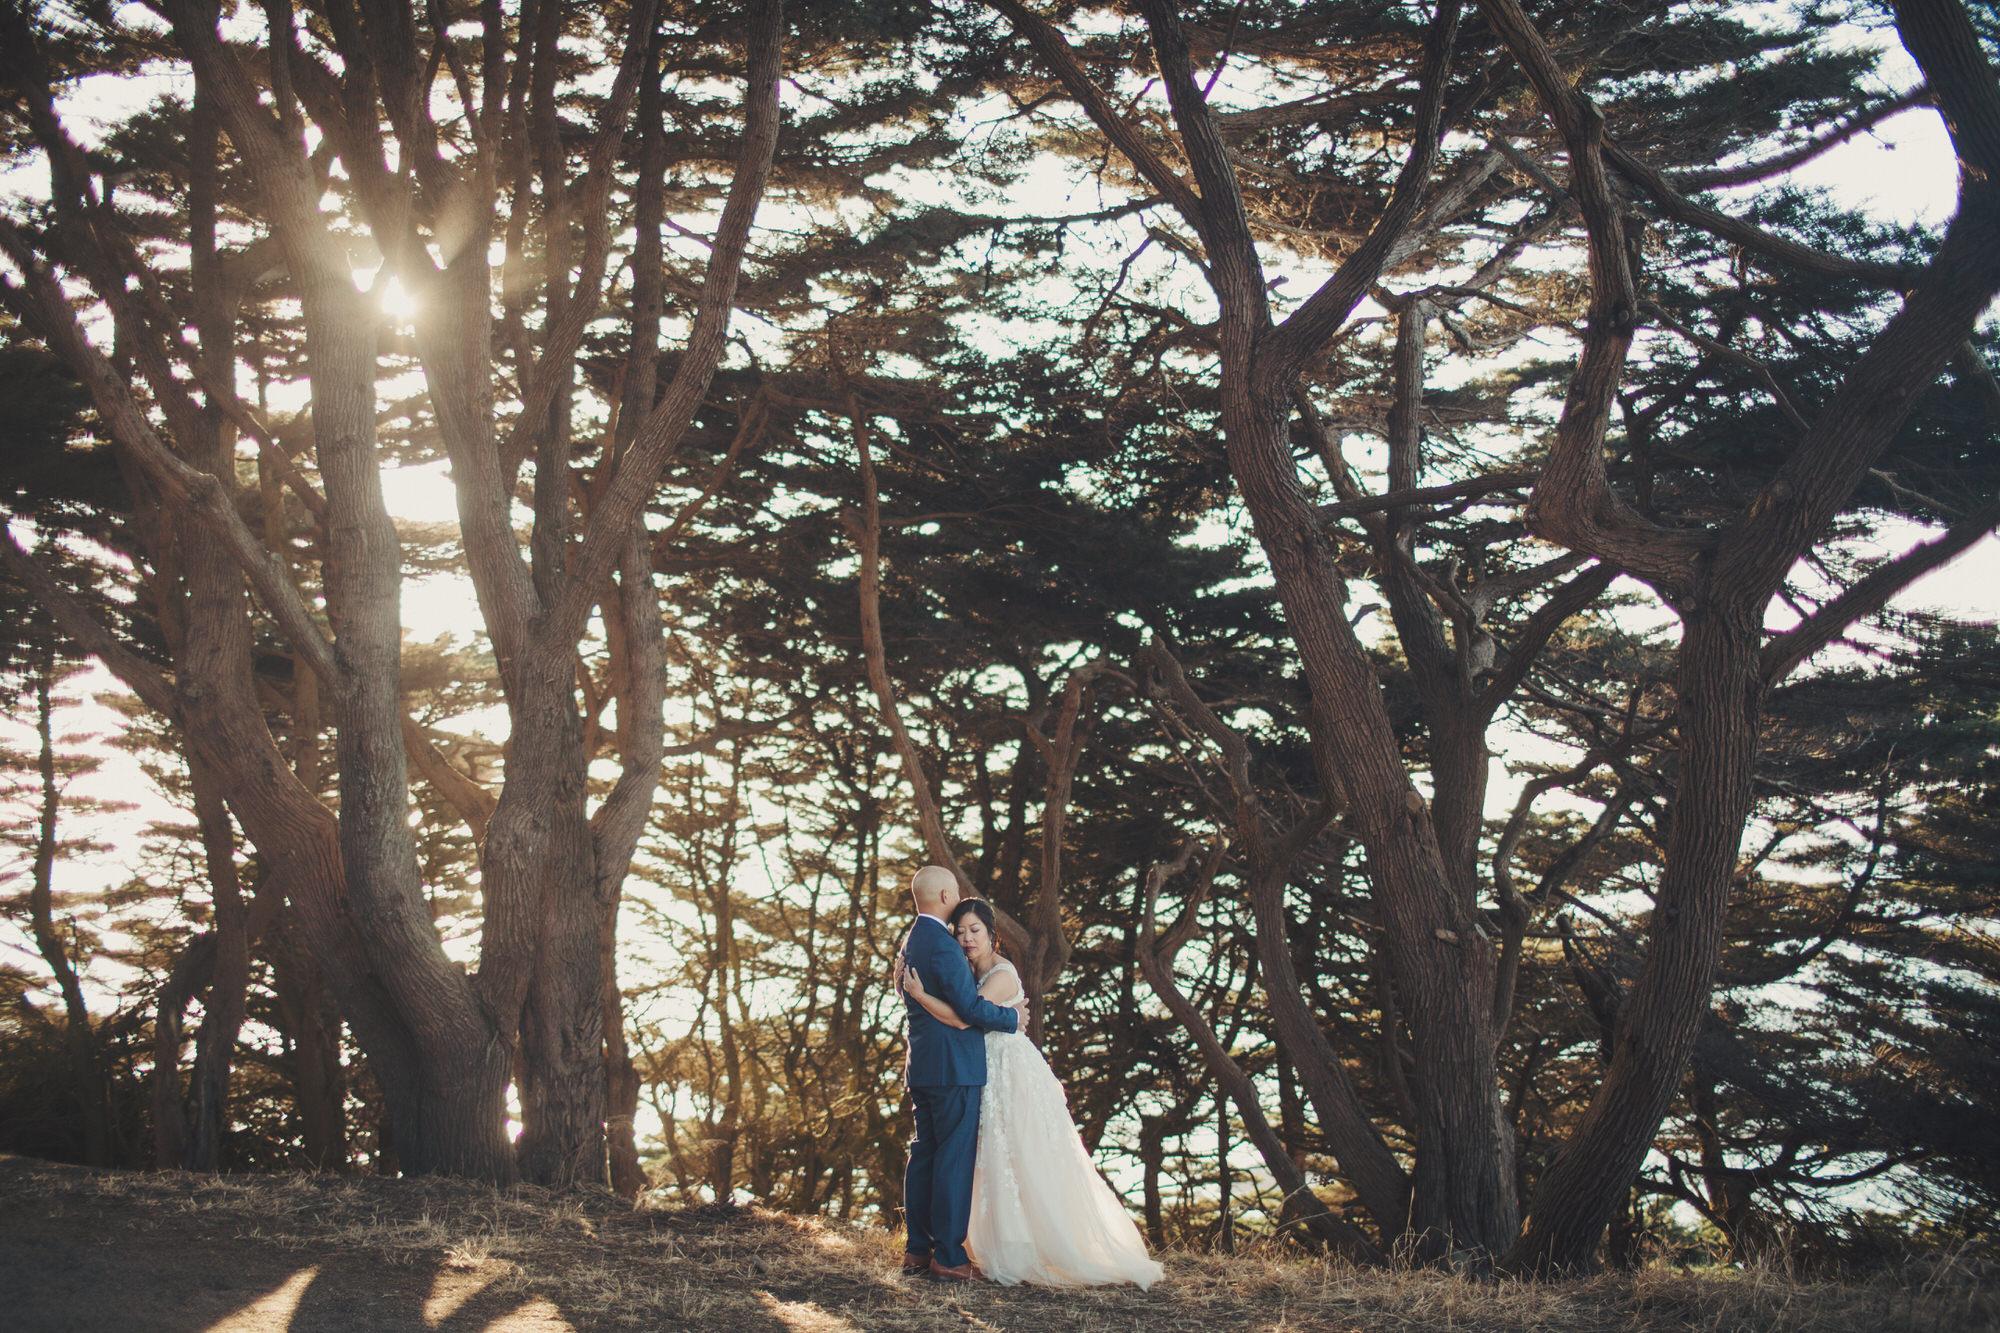 Golden Gate Park engagement photos